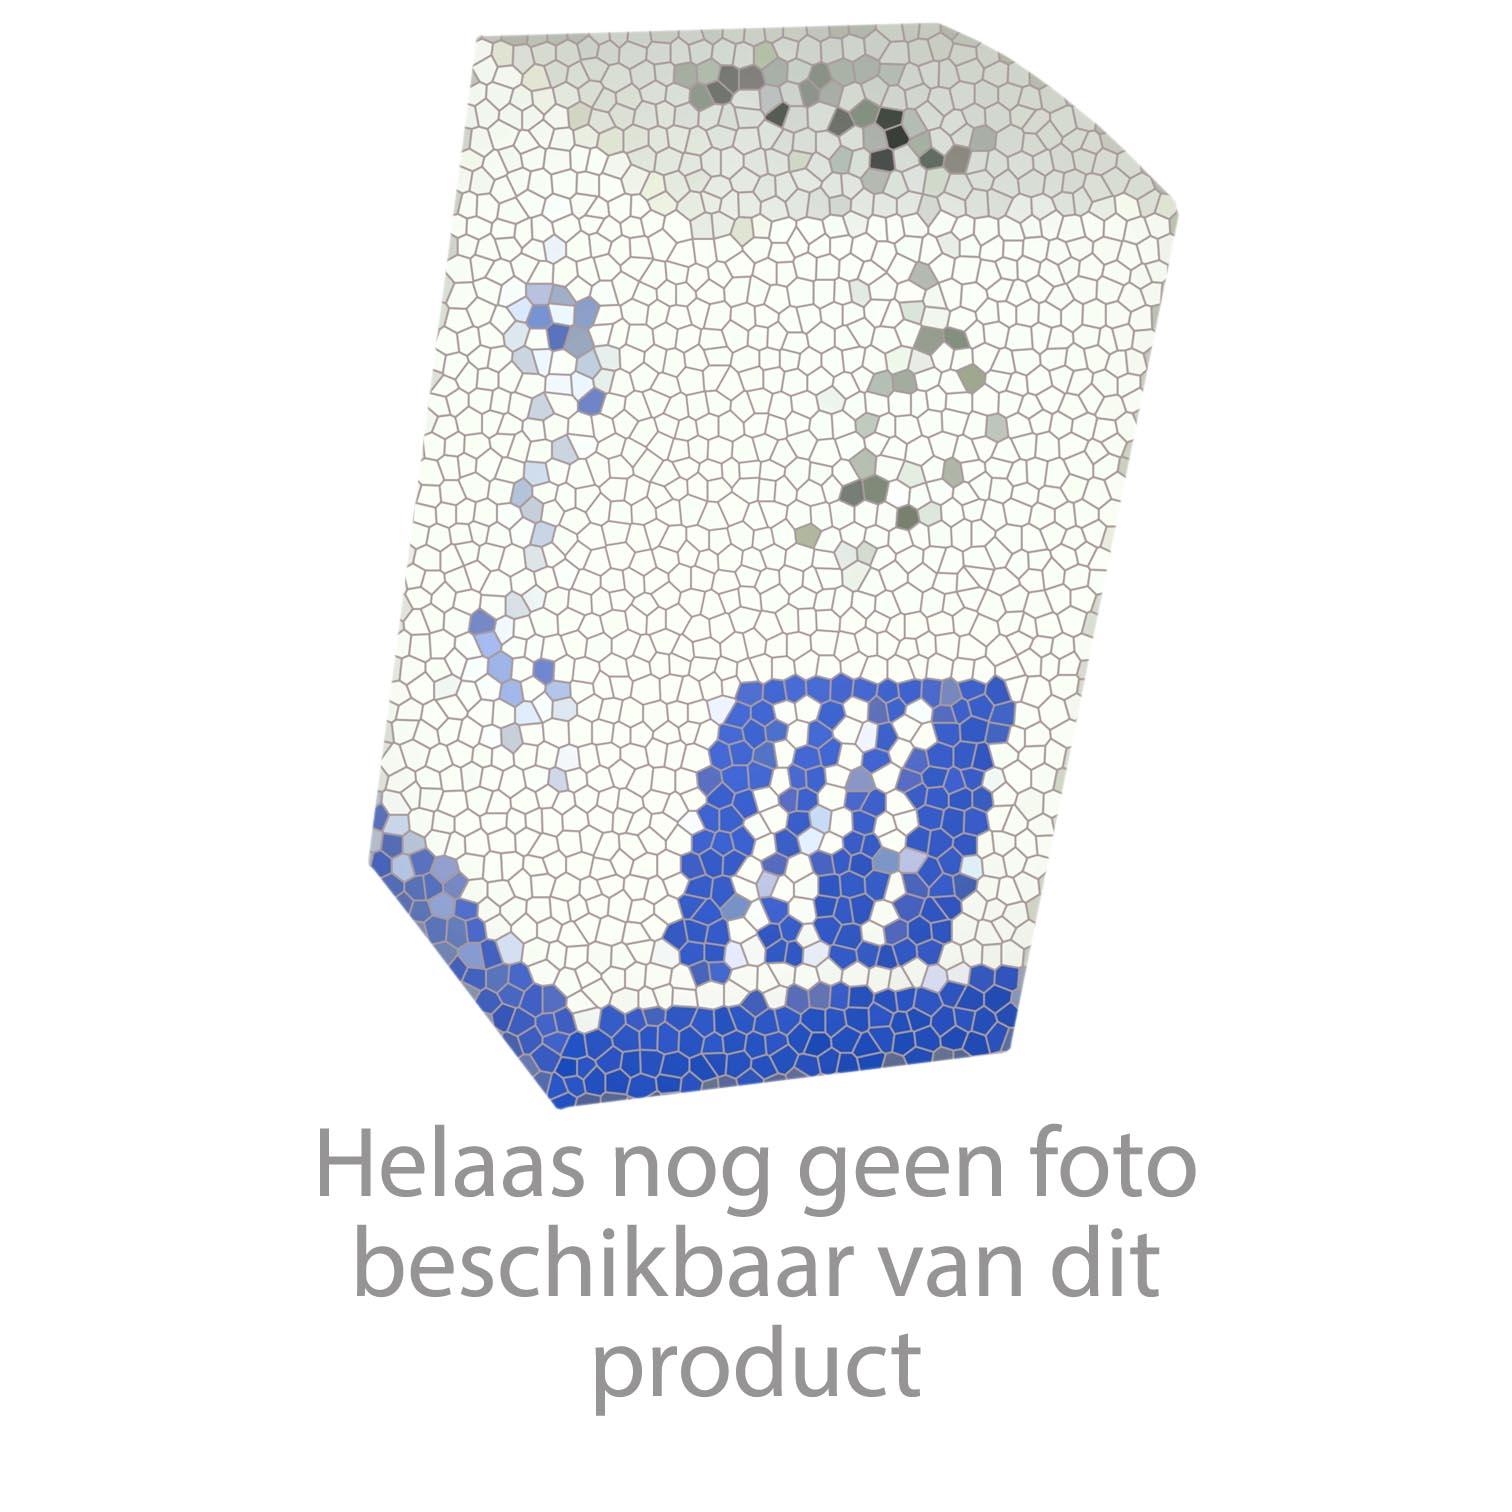 Echtermann EUROCLEAN 2-gats bladmodel tussenkraan op standzuil (h.o.h. 15cm) Artikel nummer 6639.40 (keramisch)